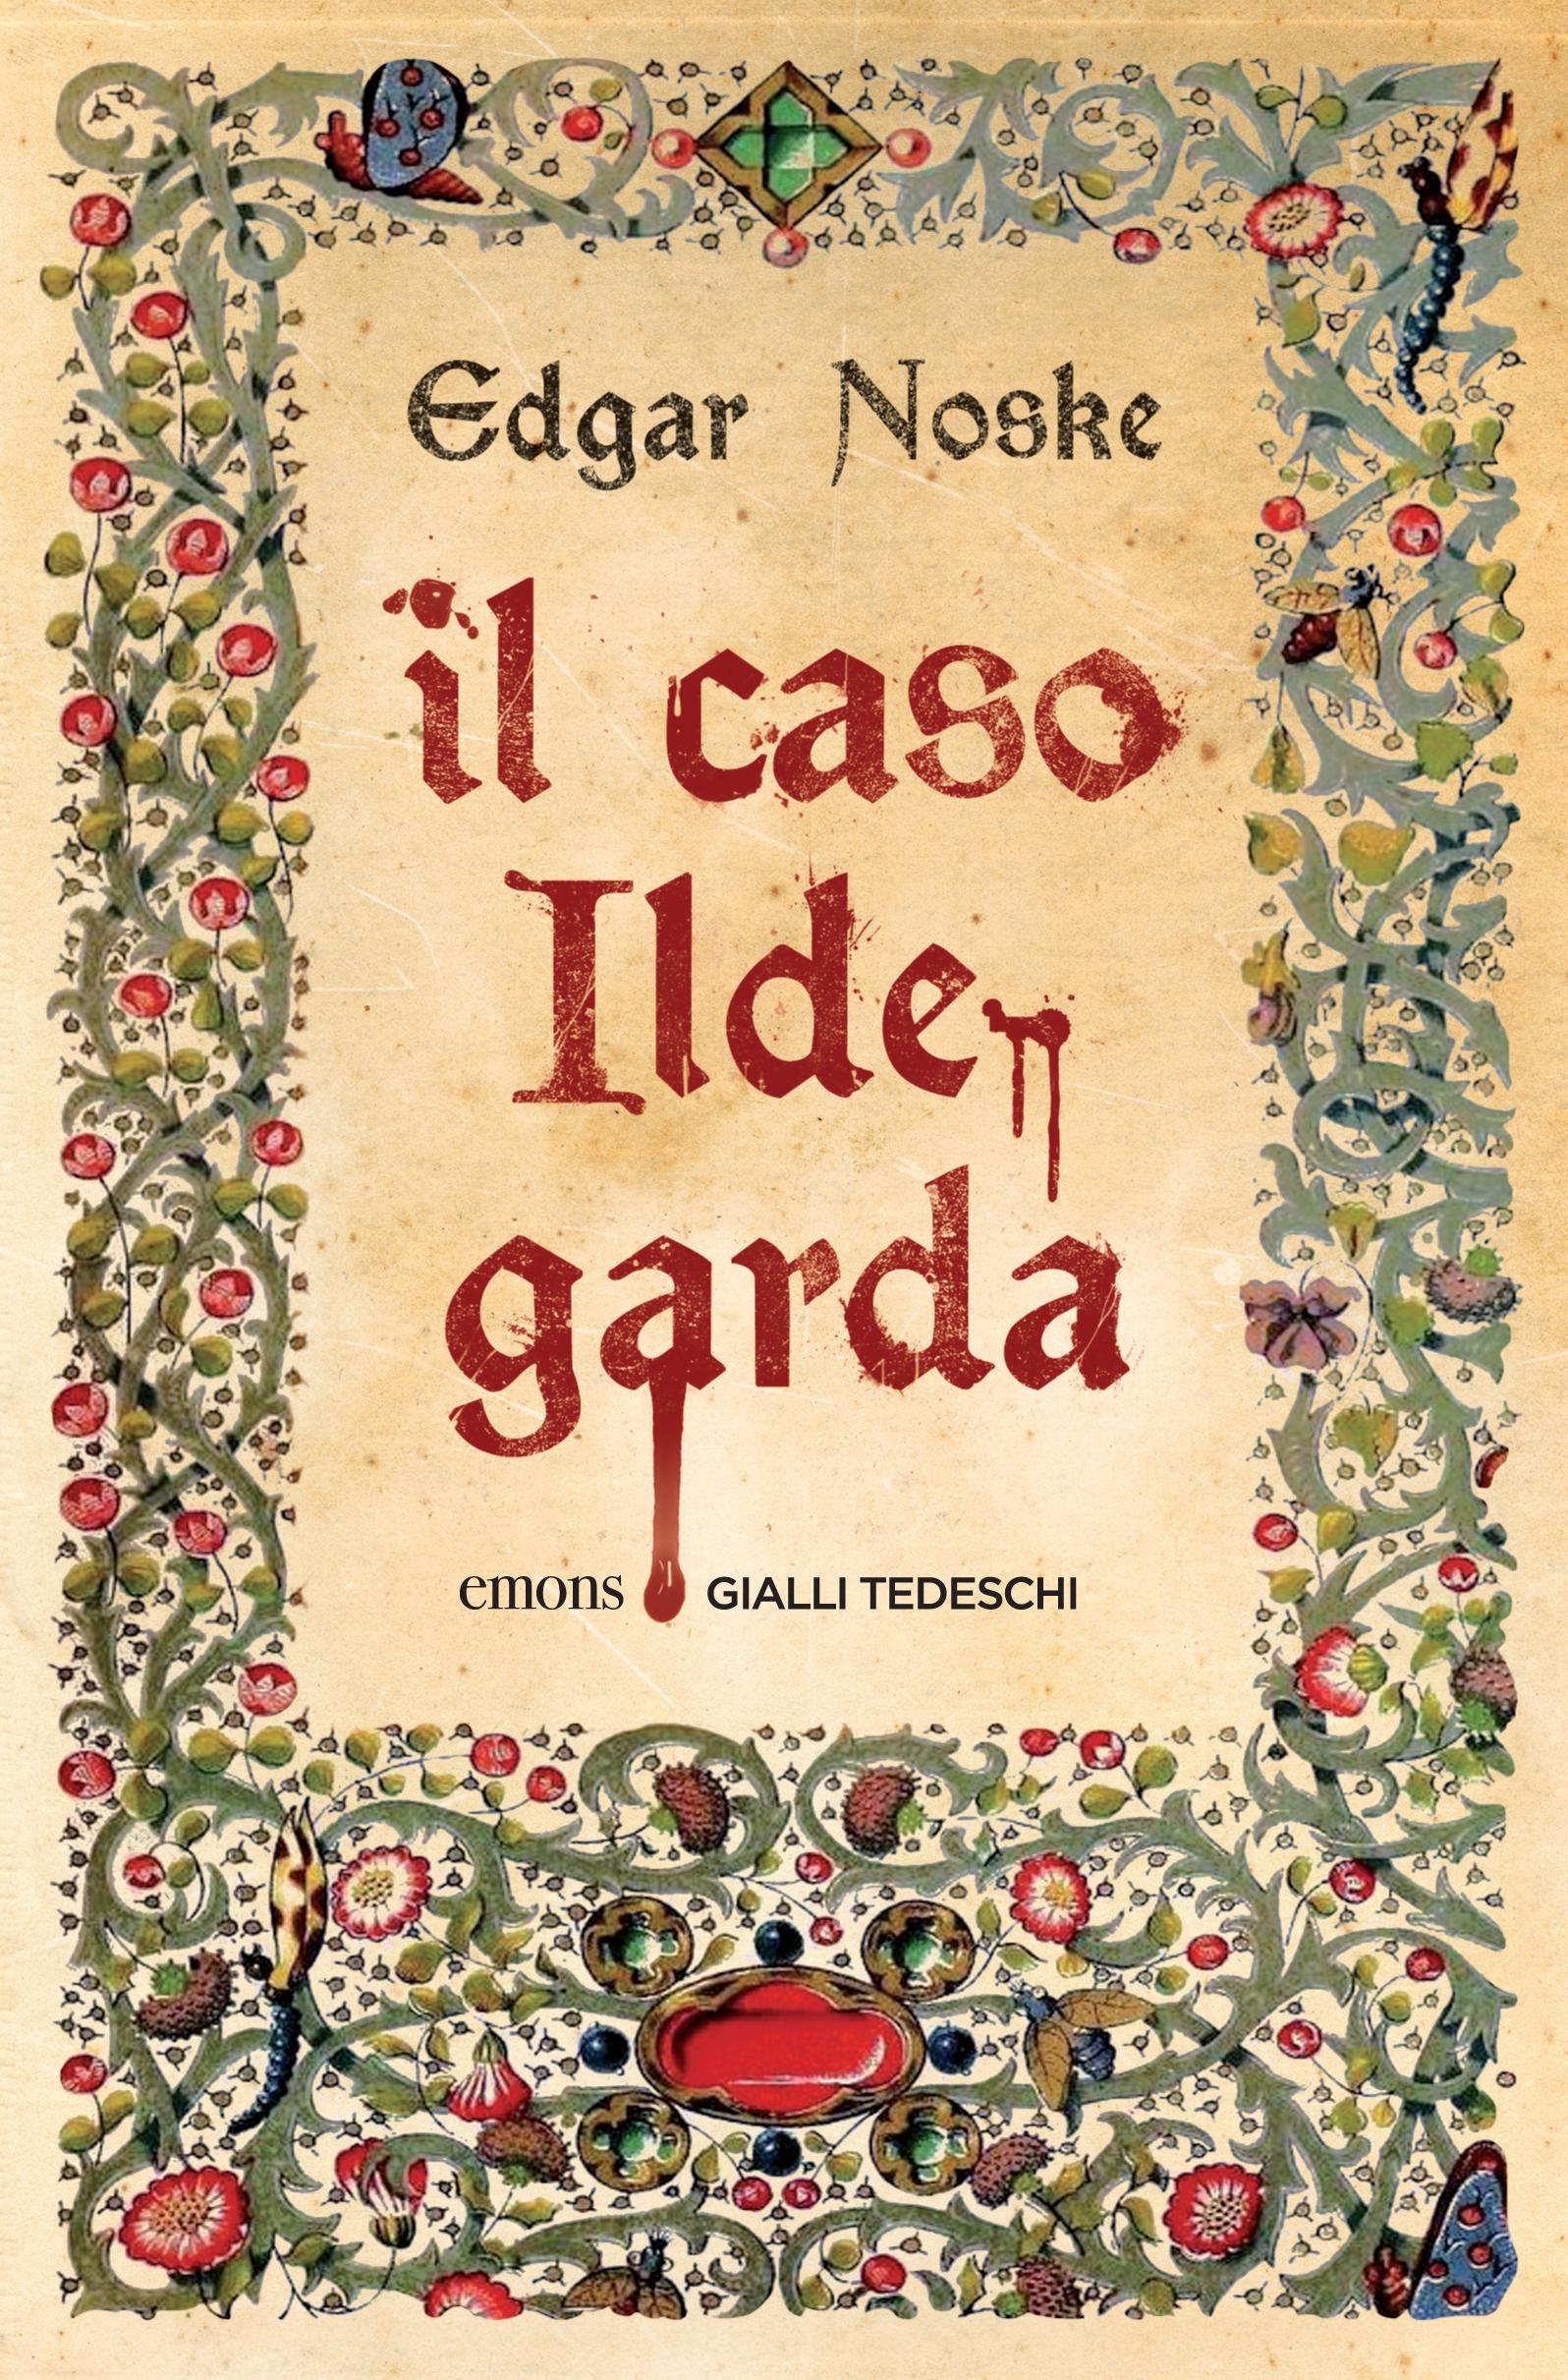 NOSKE_Ildegarda_COVER-1.jpg